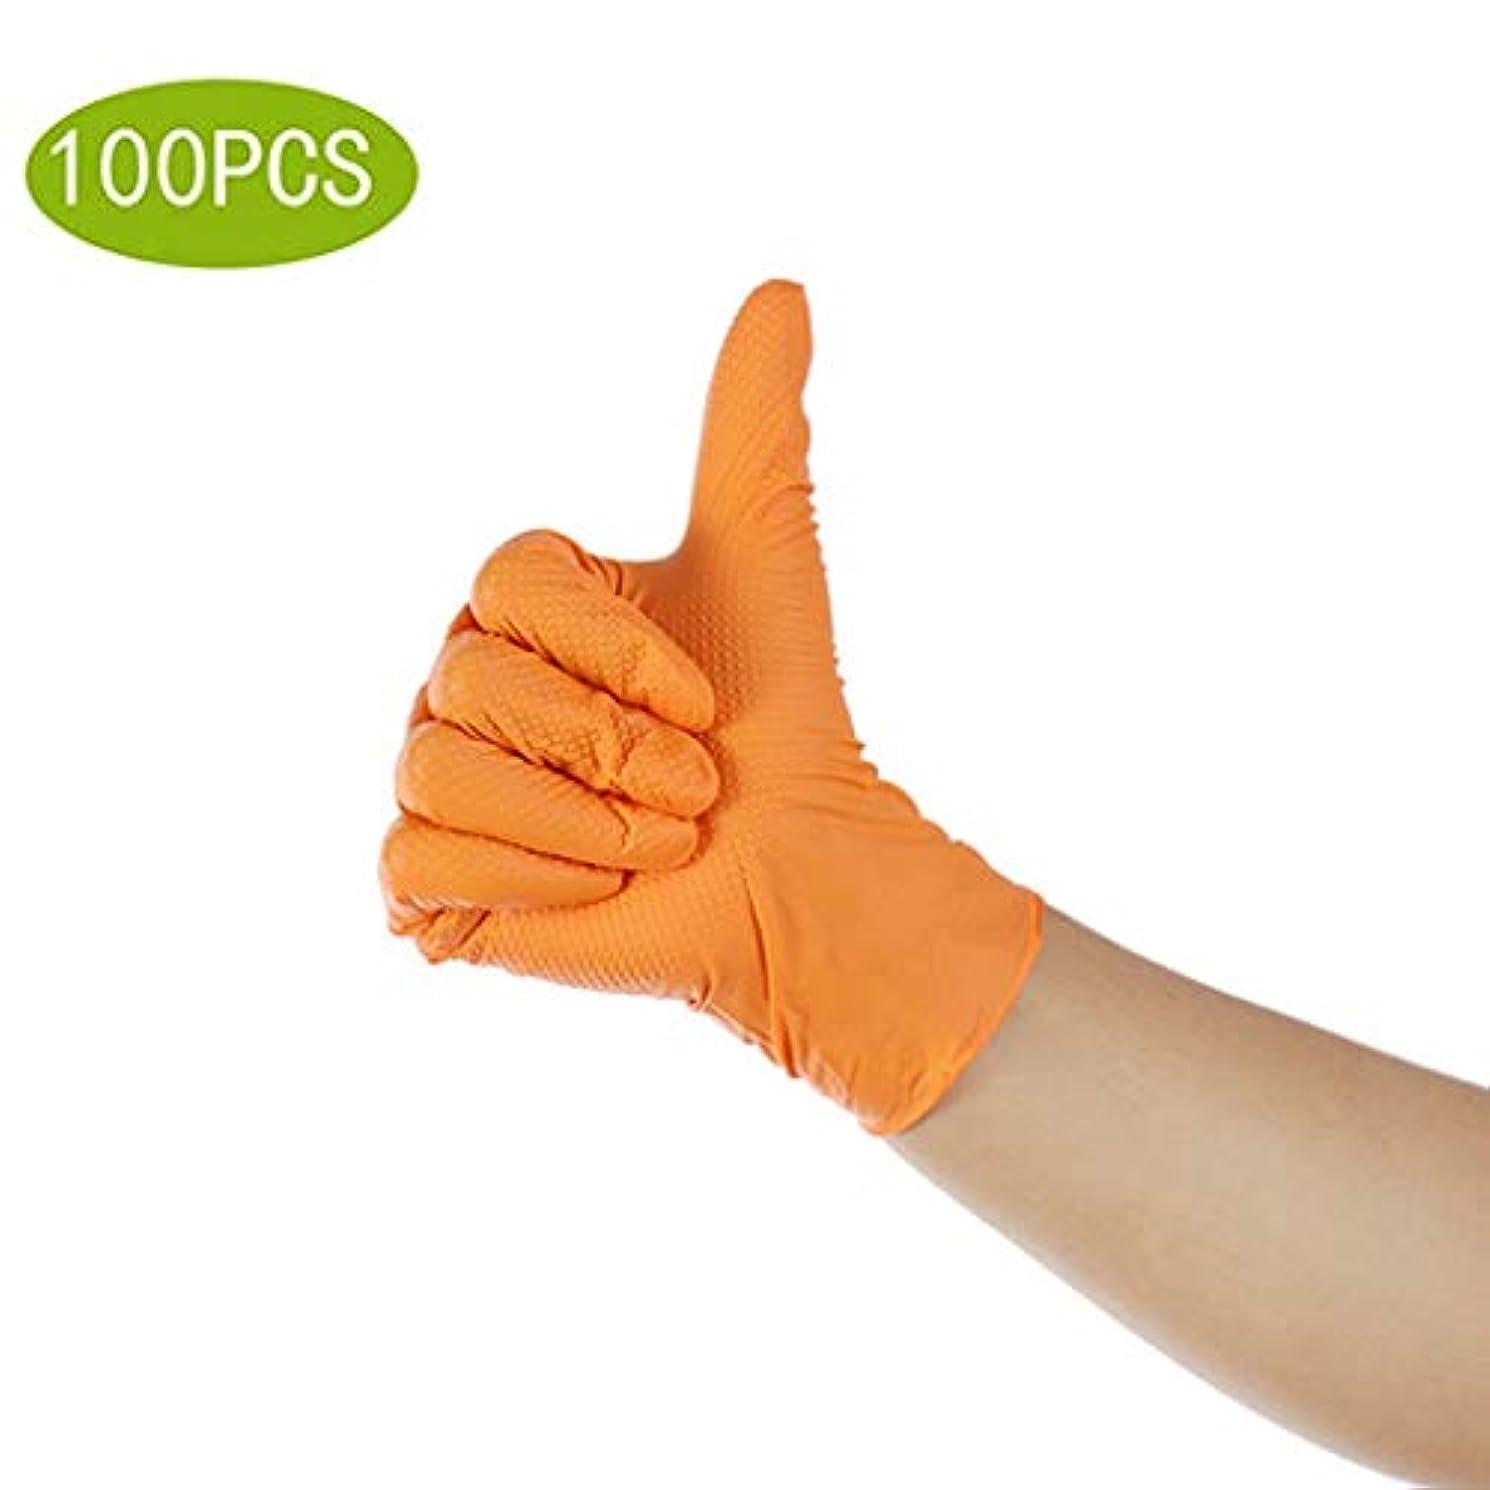 メジャー事前乳白色使い捨て手袋軽量9インチパウダーフリーラテックスフリーライト作業厚手の使い捨てゴム手袋、滑り止めパームプリントグレードタトゥーメディカル試験手袋100倍 (Color : Yellow, Size : S)